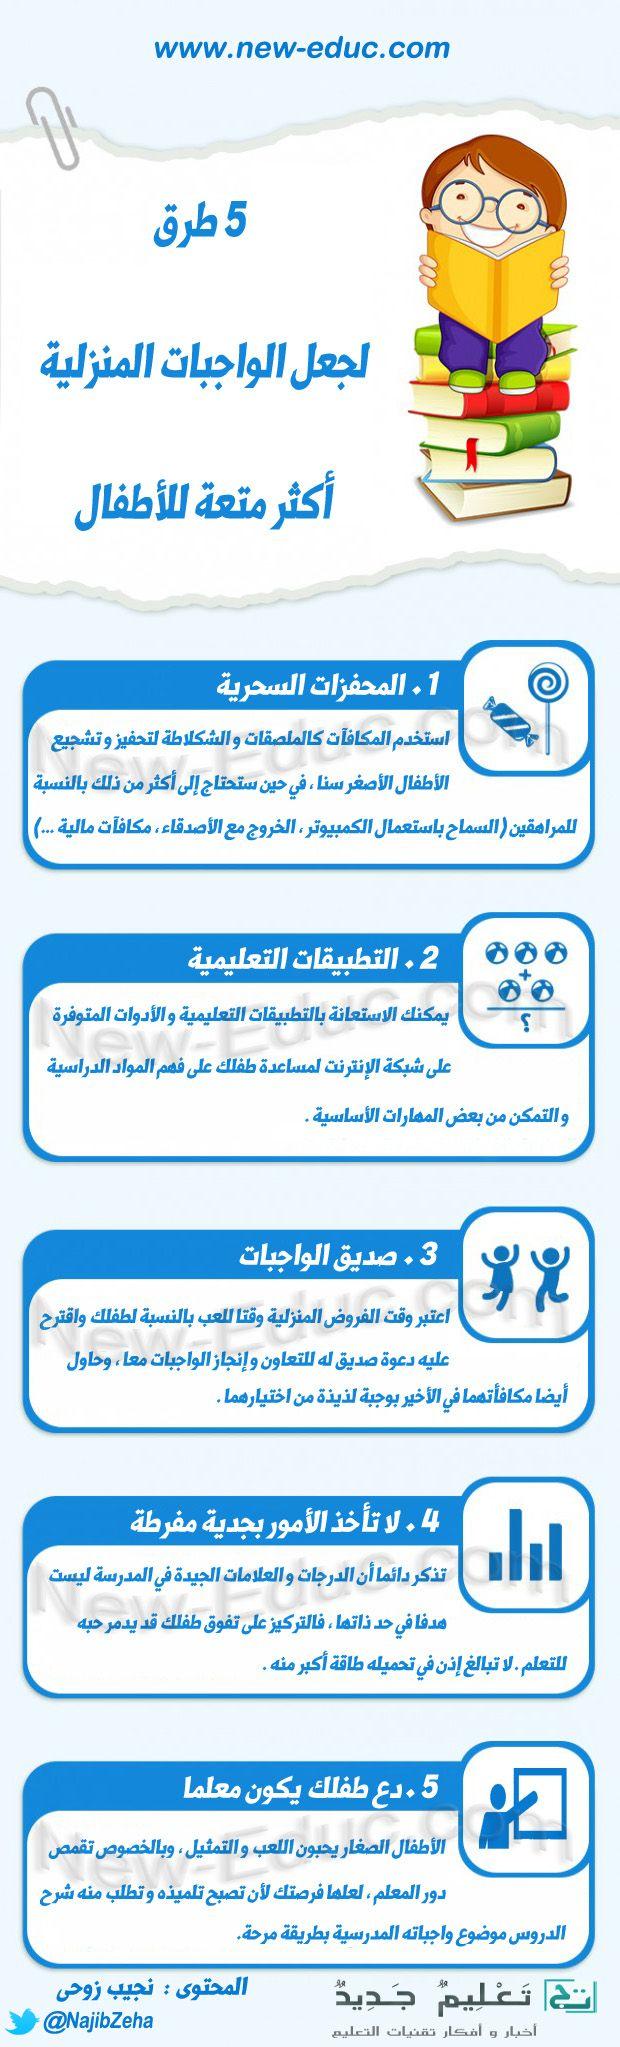 طرق لجعل الواجبات المنزلية ممتعة للأطفال Http Www New Educ Com Idees Pour Rendre Les Devoirs Amusants Kids Education Childrens Education Baby Education